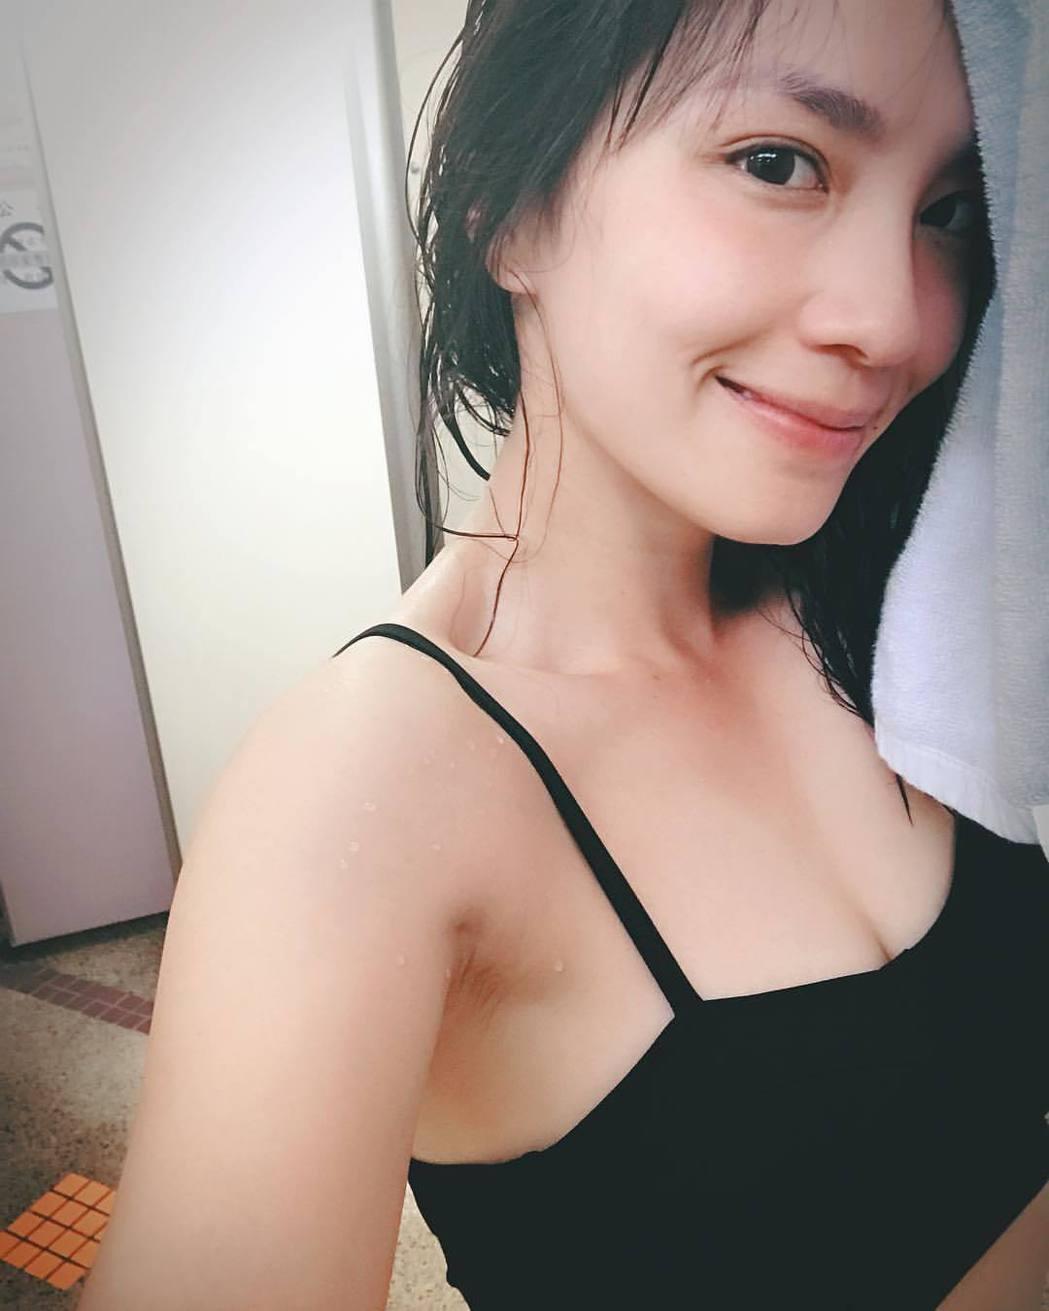 湘瑩。圖/擷自臉書